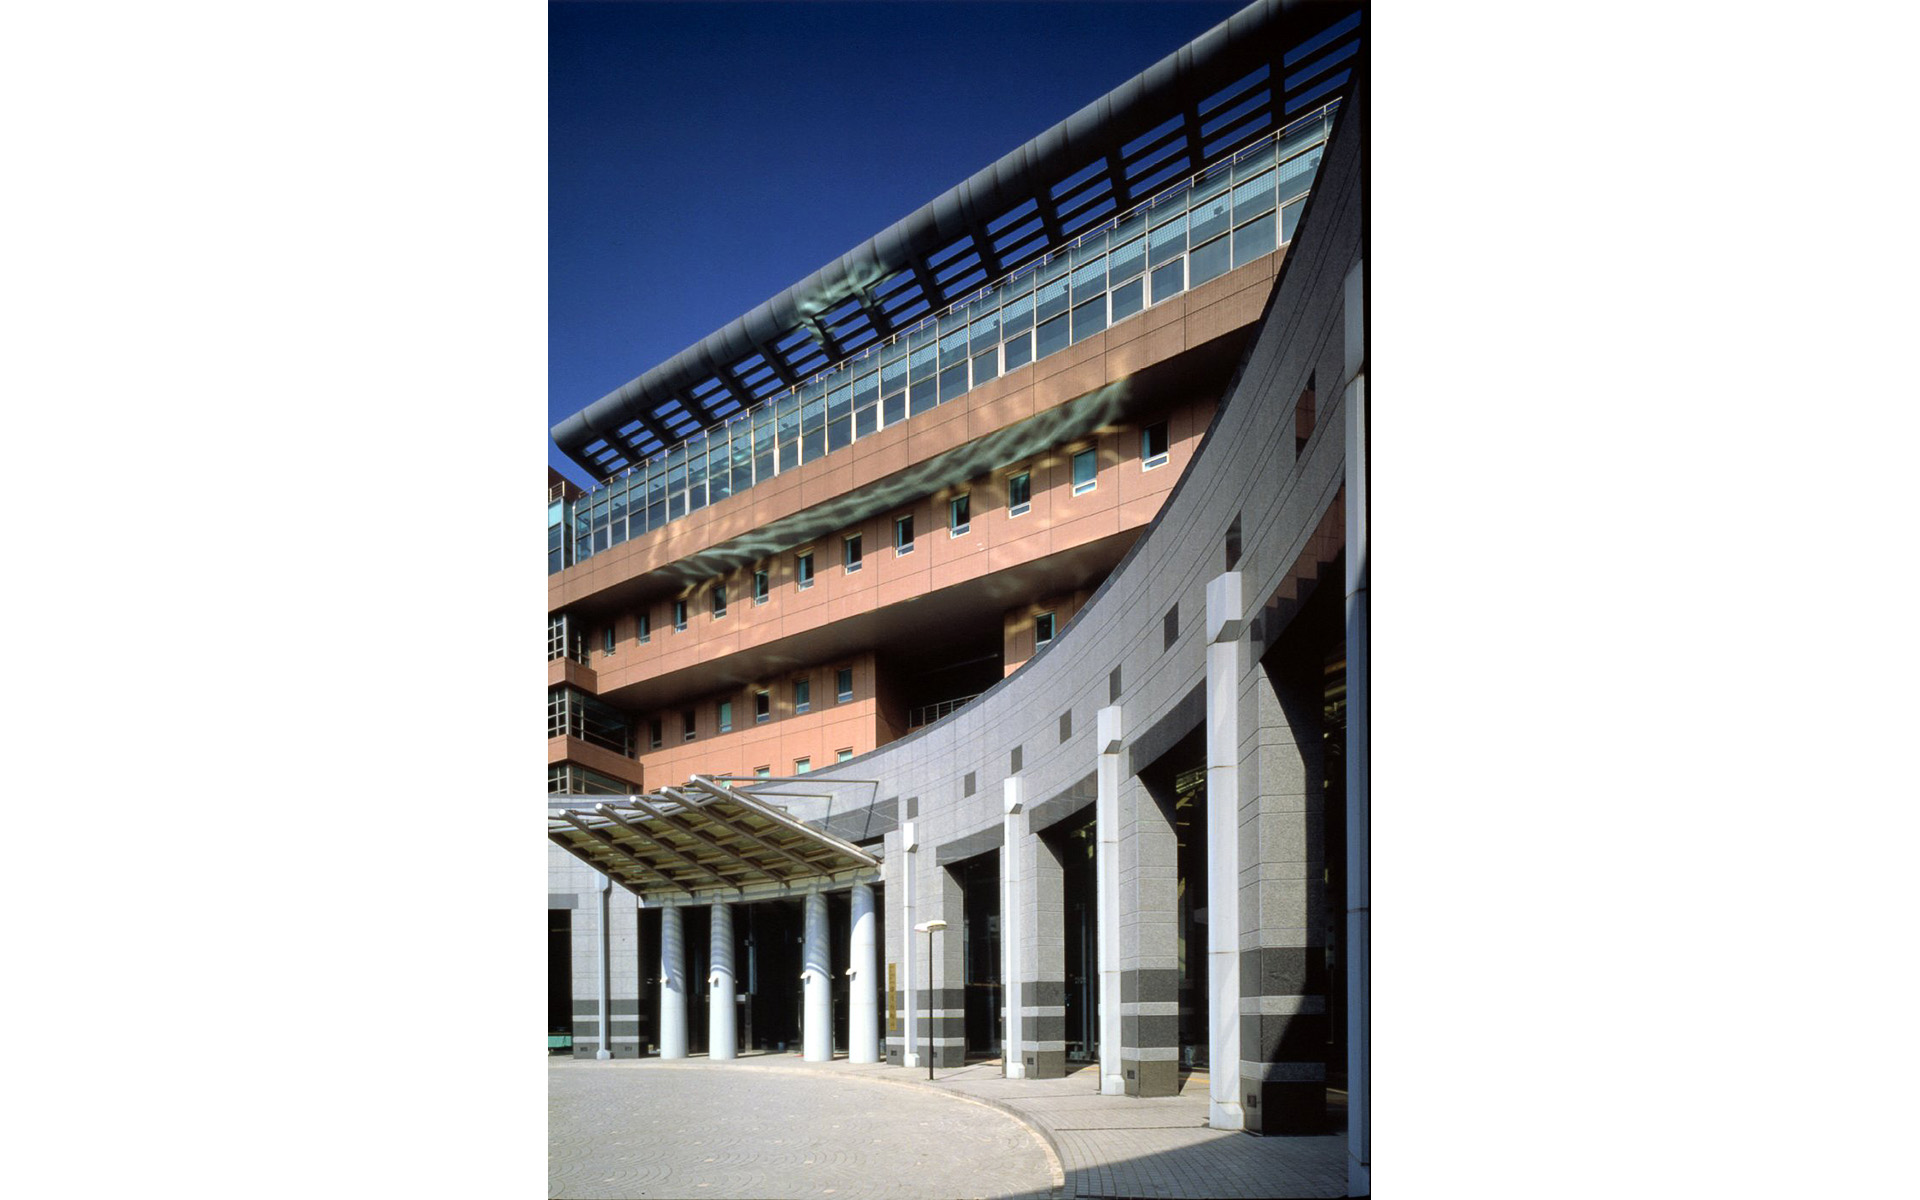 桃園環保署環境檢驗大樓